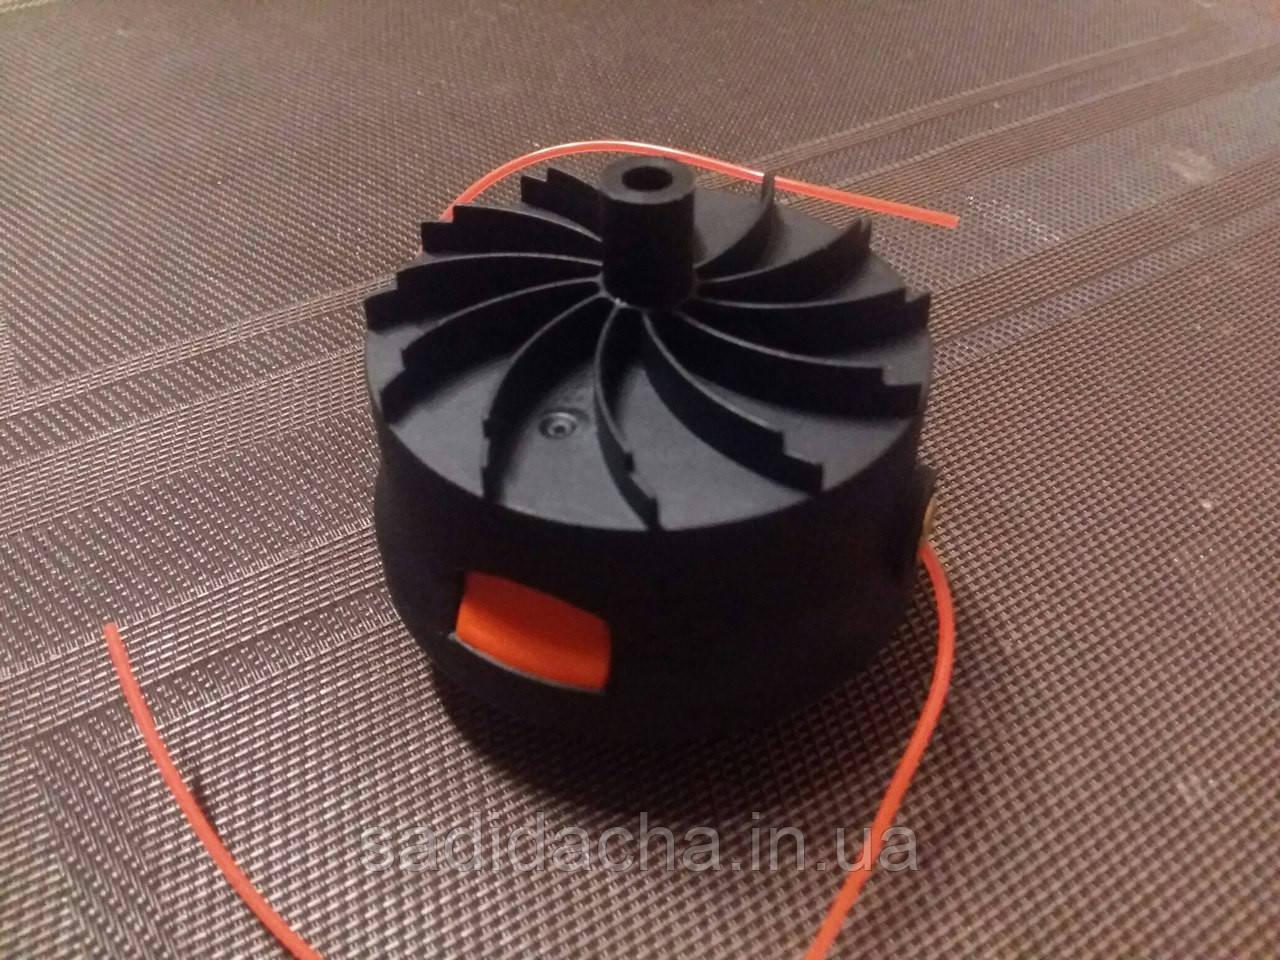 Катушка (шпуля) с носиком для электротримера